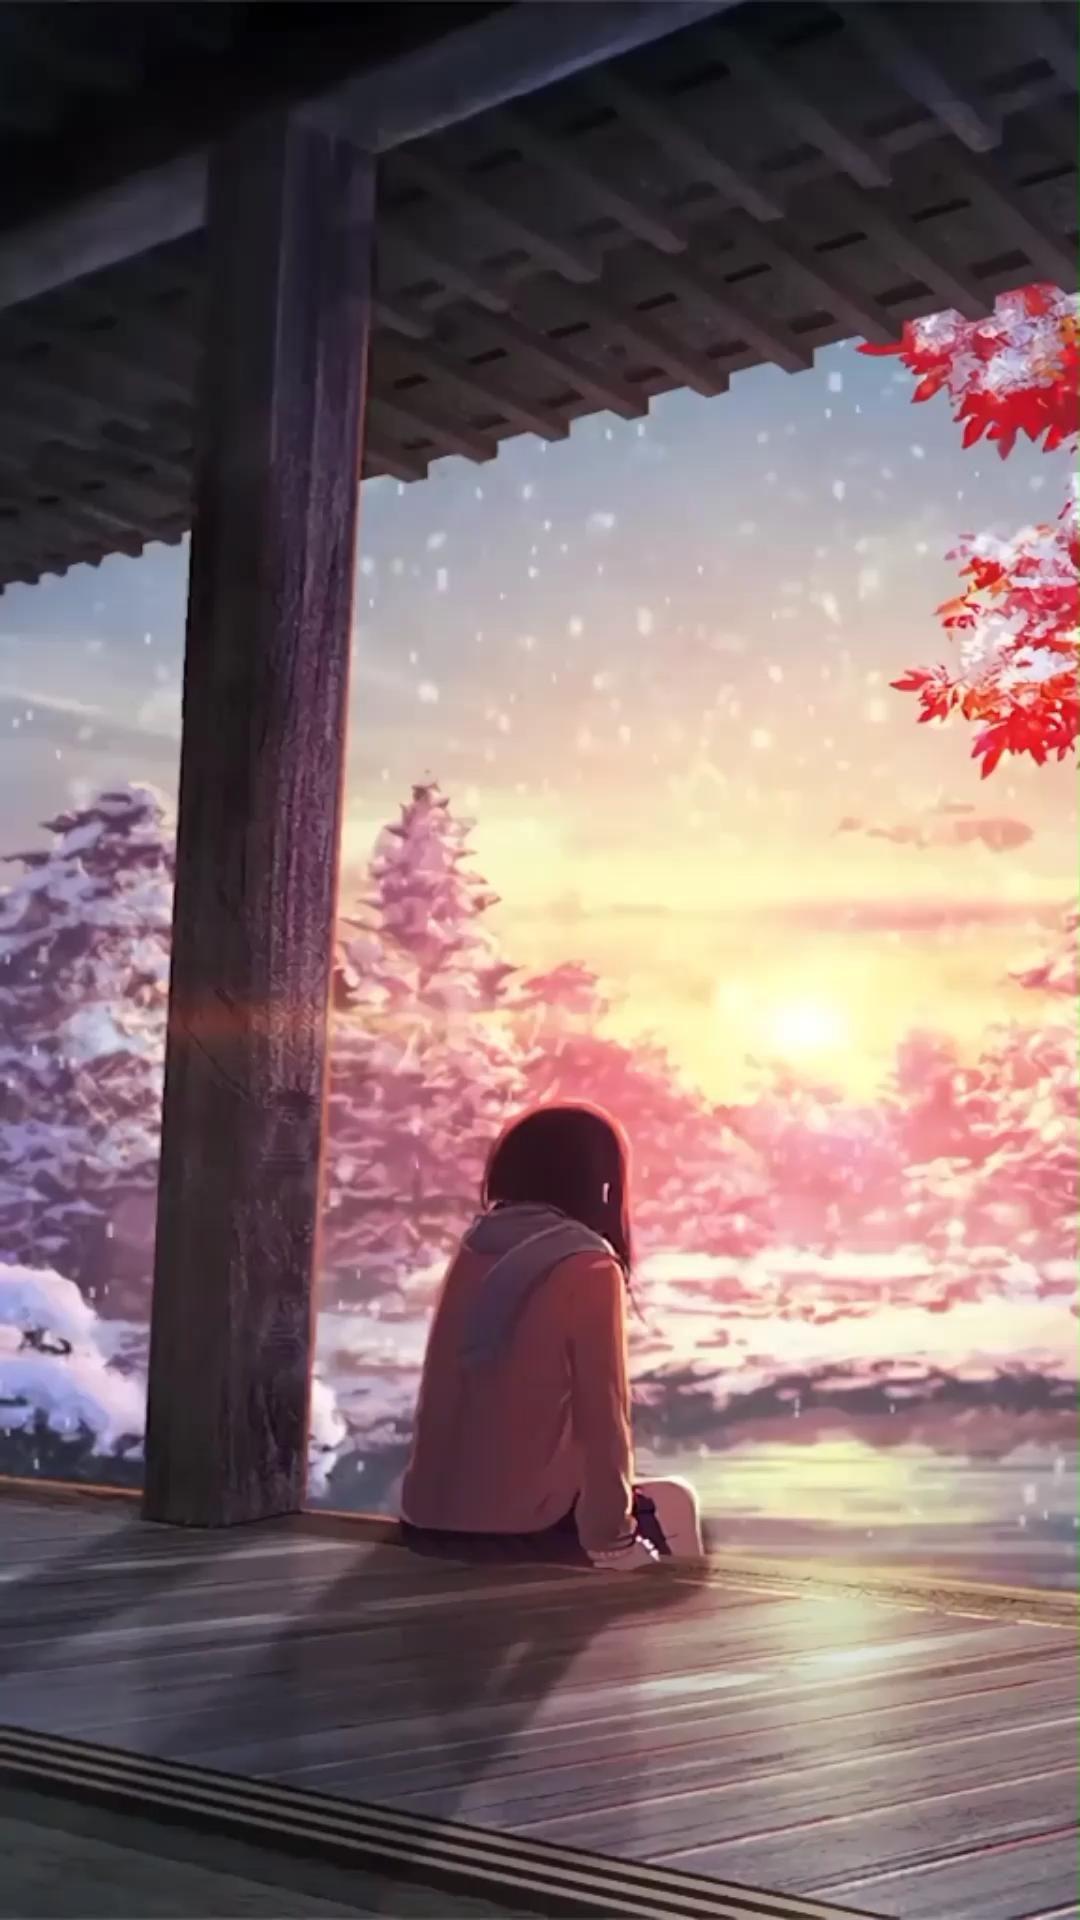 Hình nền động Anime hoàng hôn tuyệt đẹp